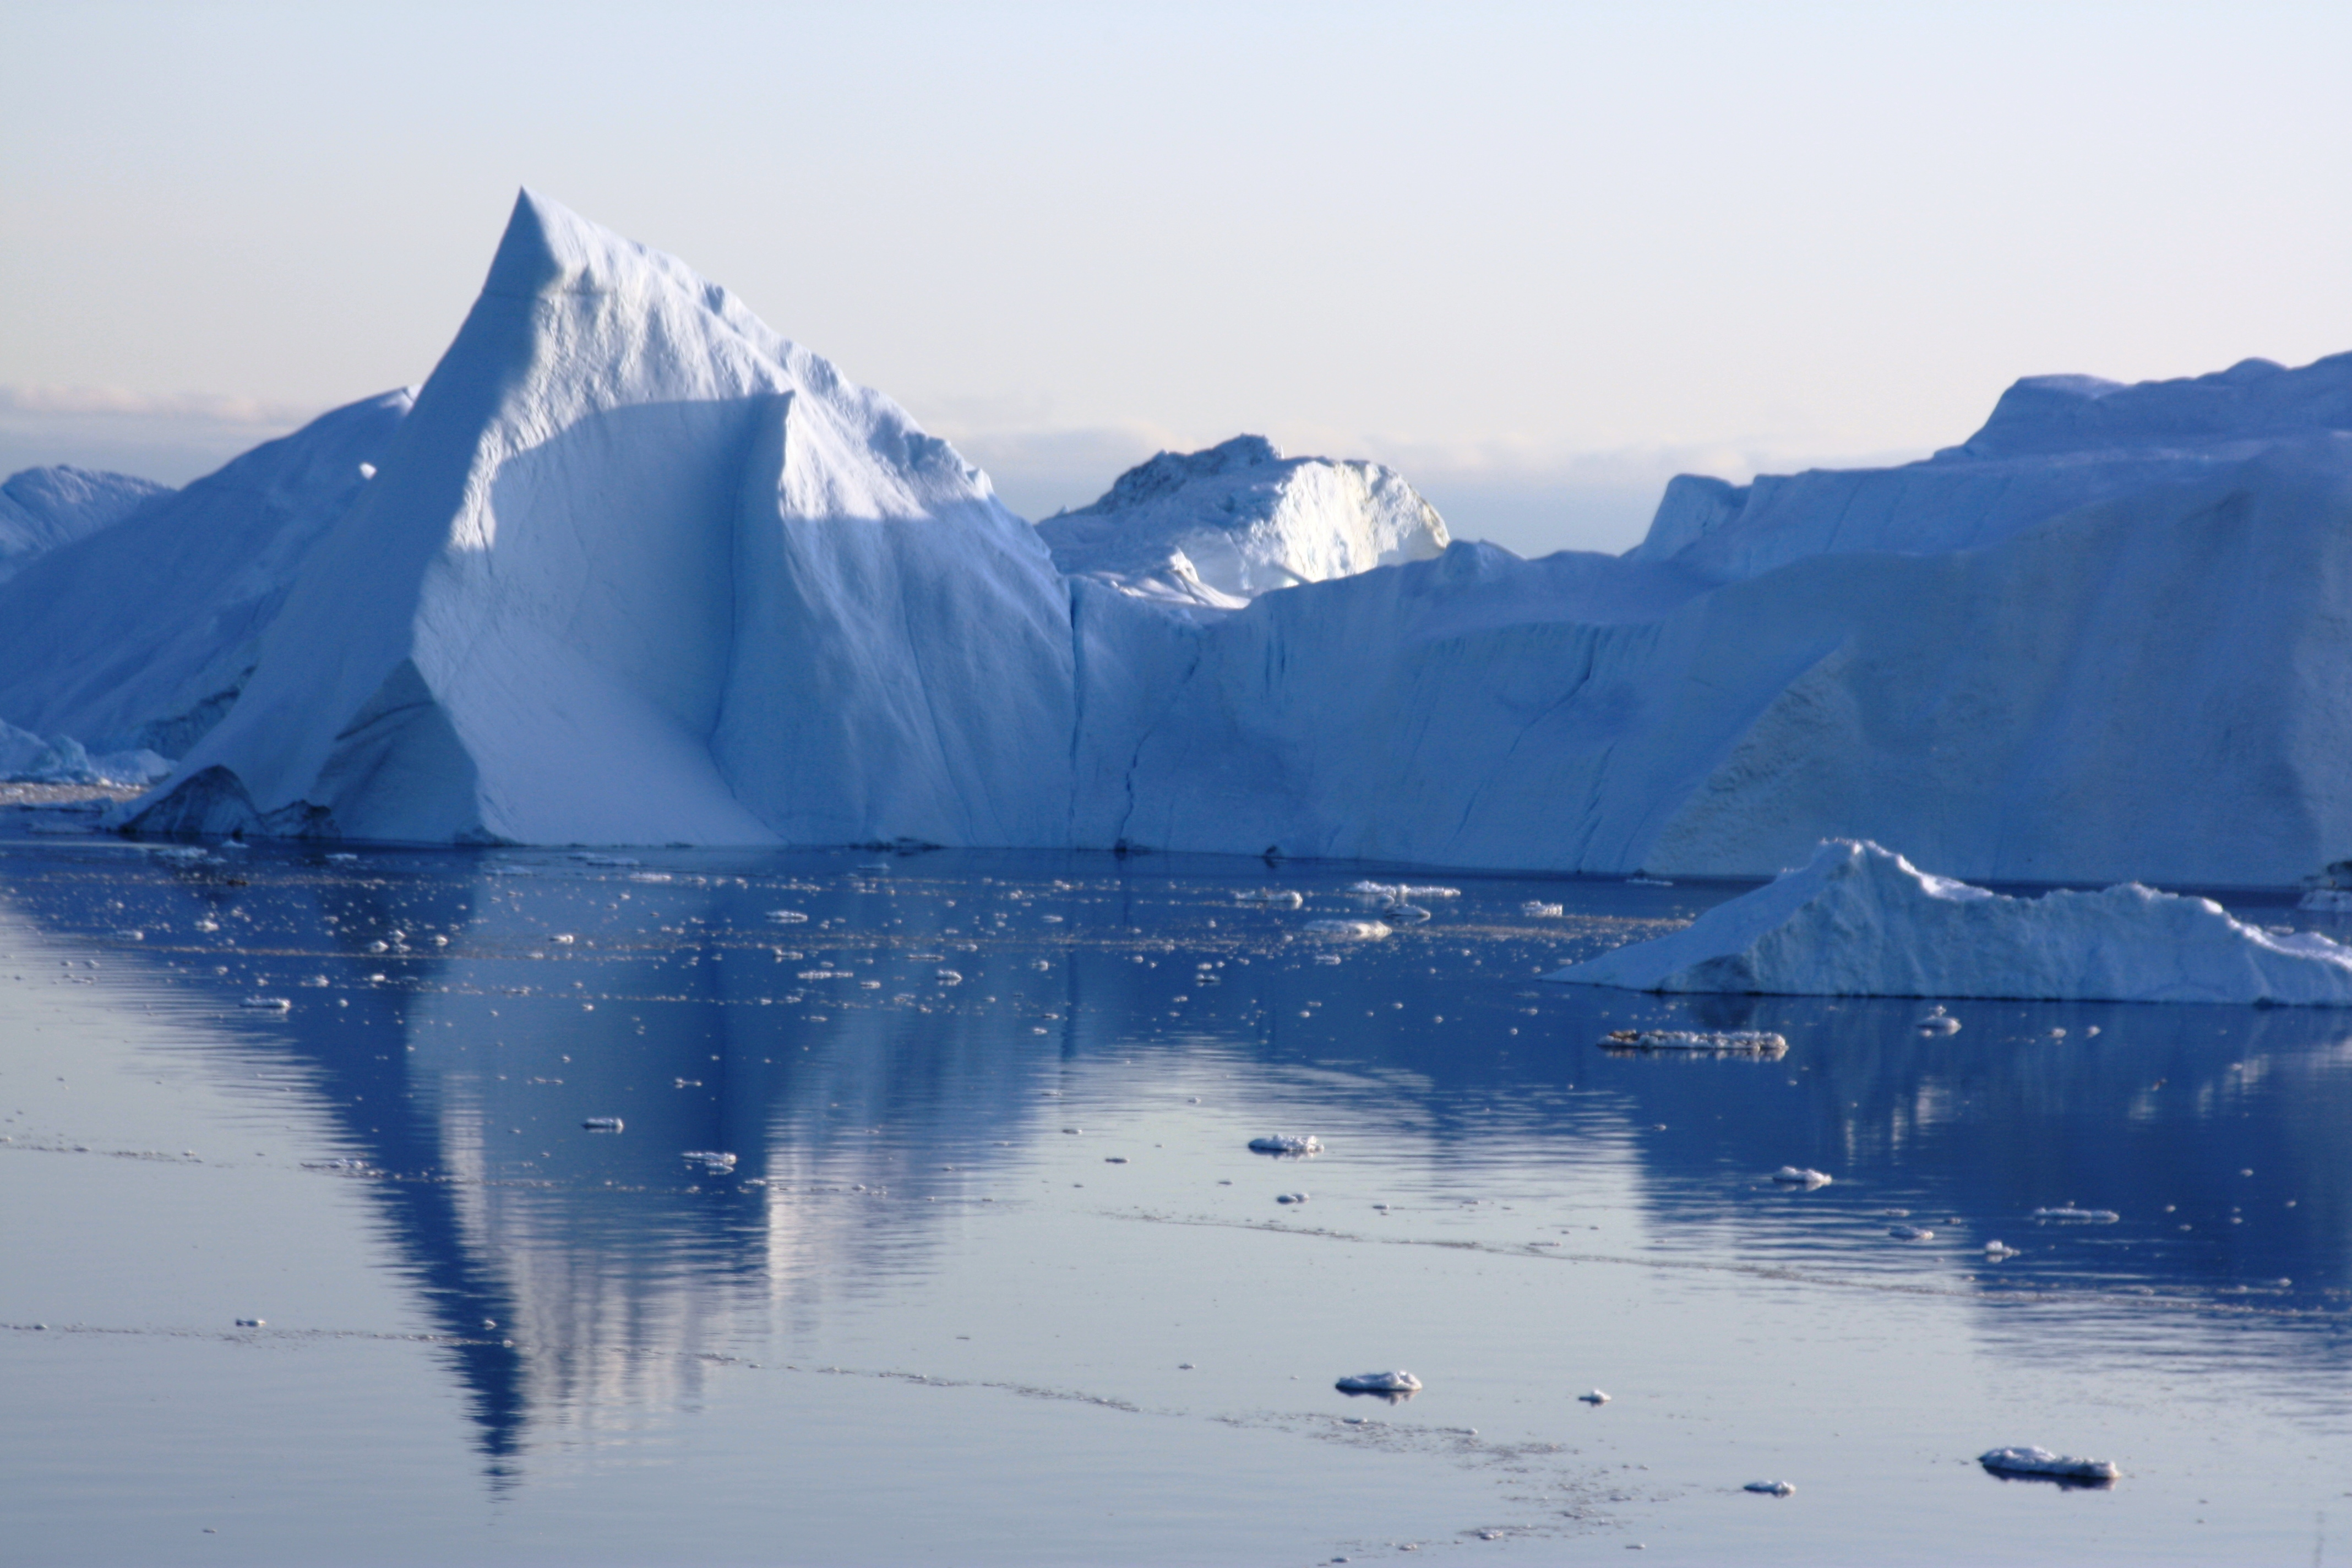 Artic landscape free clipart png stock Polar clipart landscape arctic - 189 transparent clip arts, images ... png stock